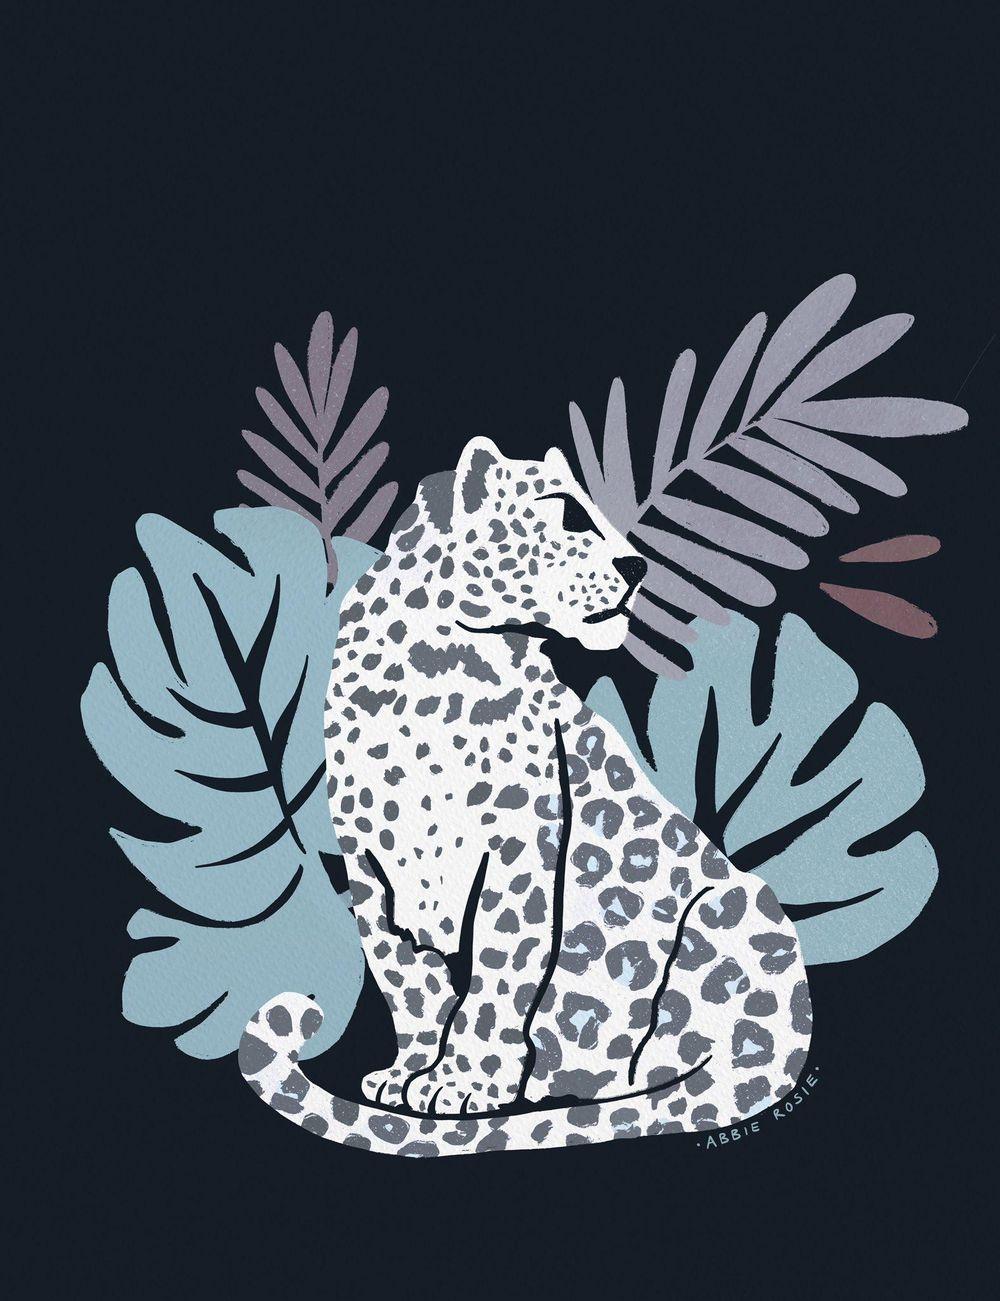 Tropical Jaguar - image 3 - student project